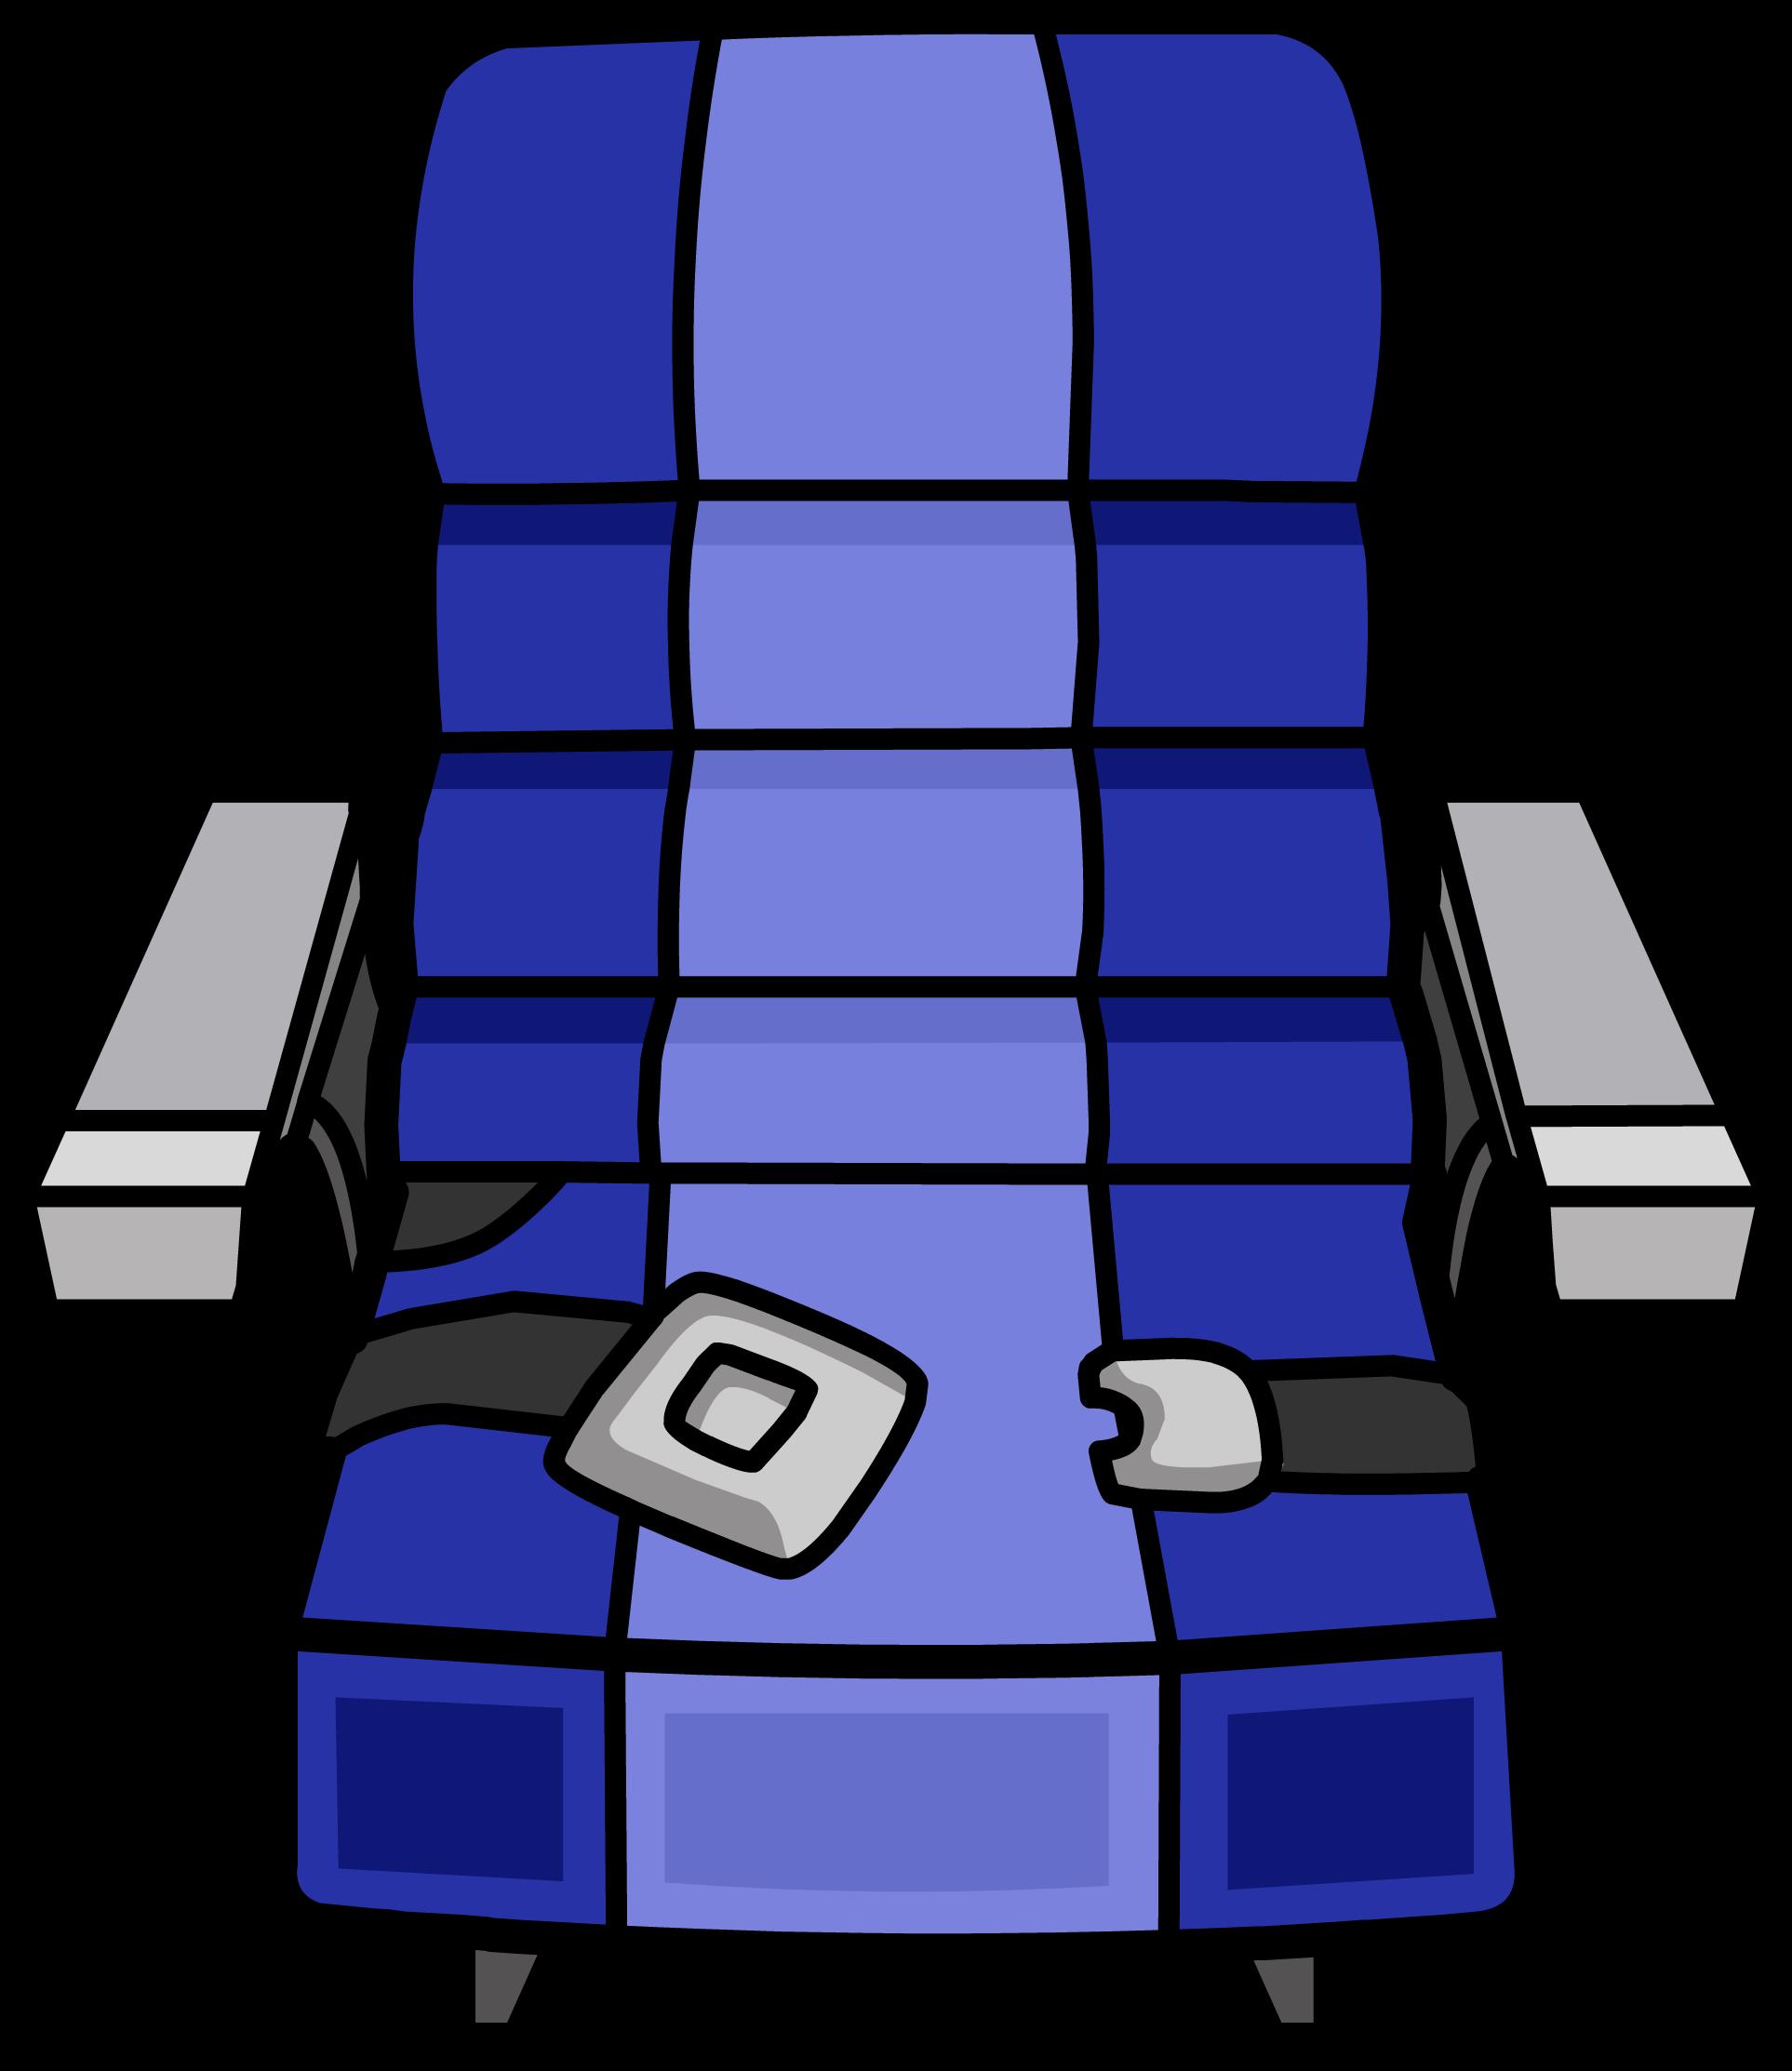 1926x2226 Plane Seat Clipart Amp Plane Seat Clip Art Images